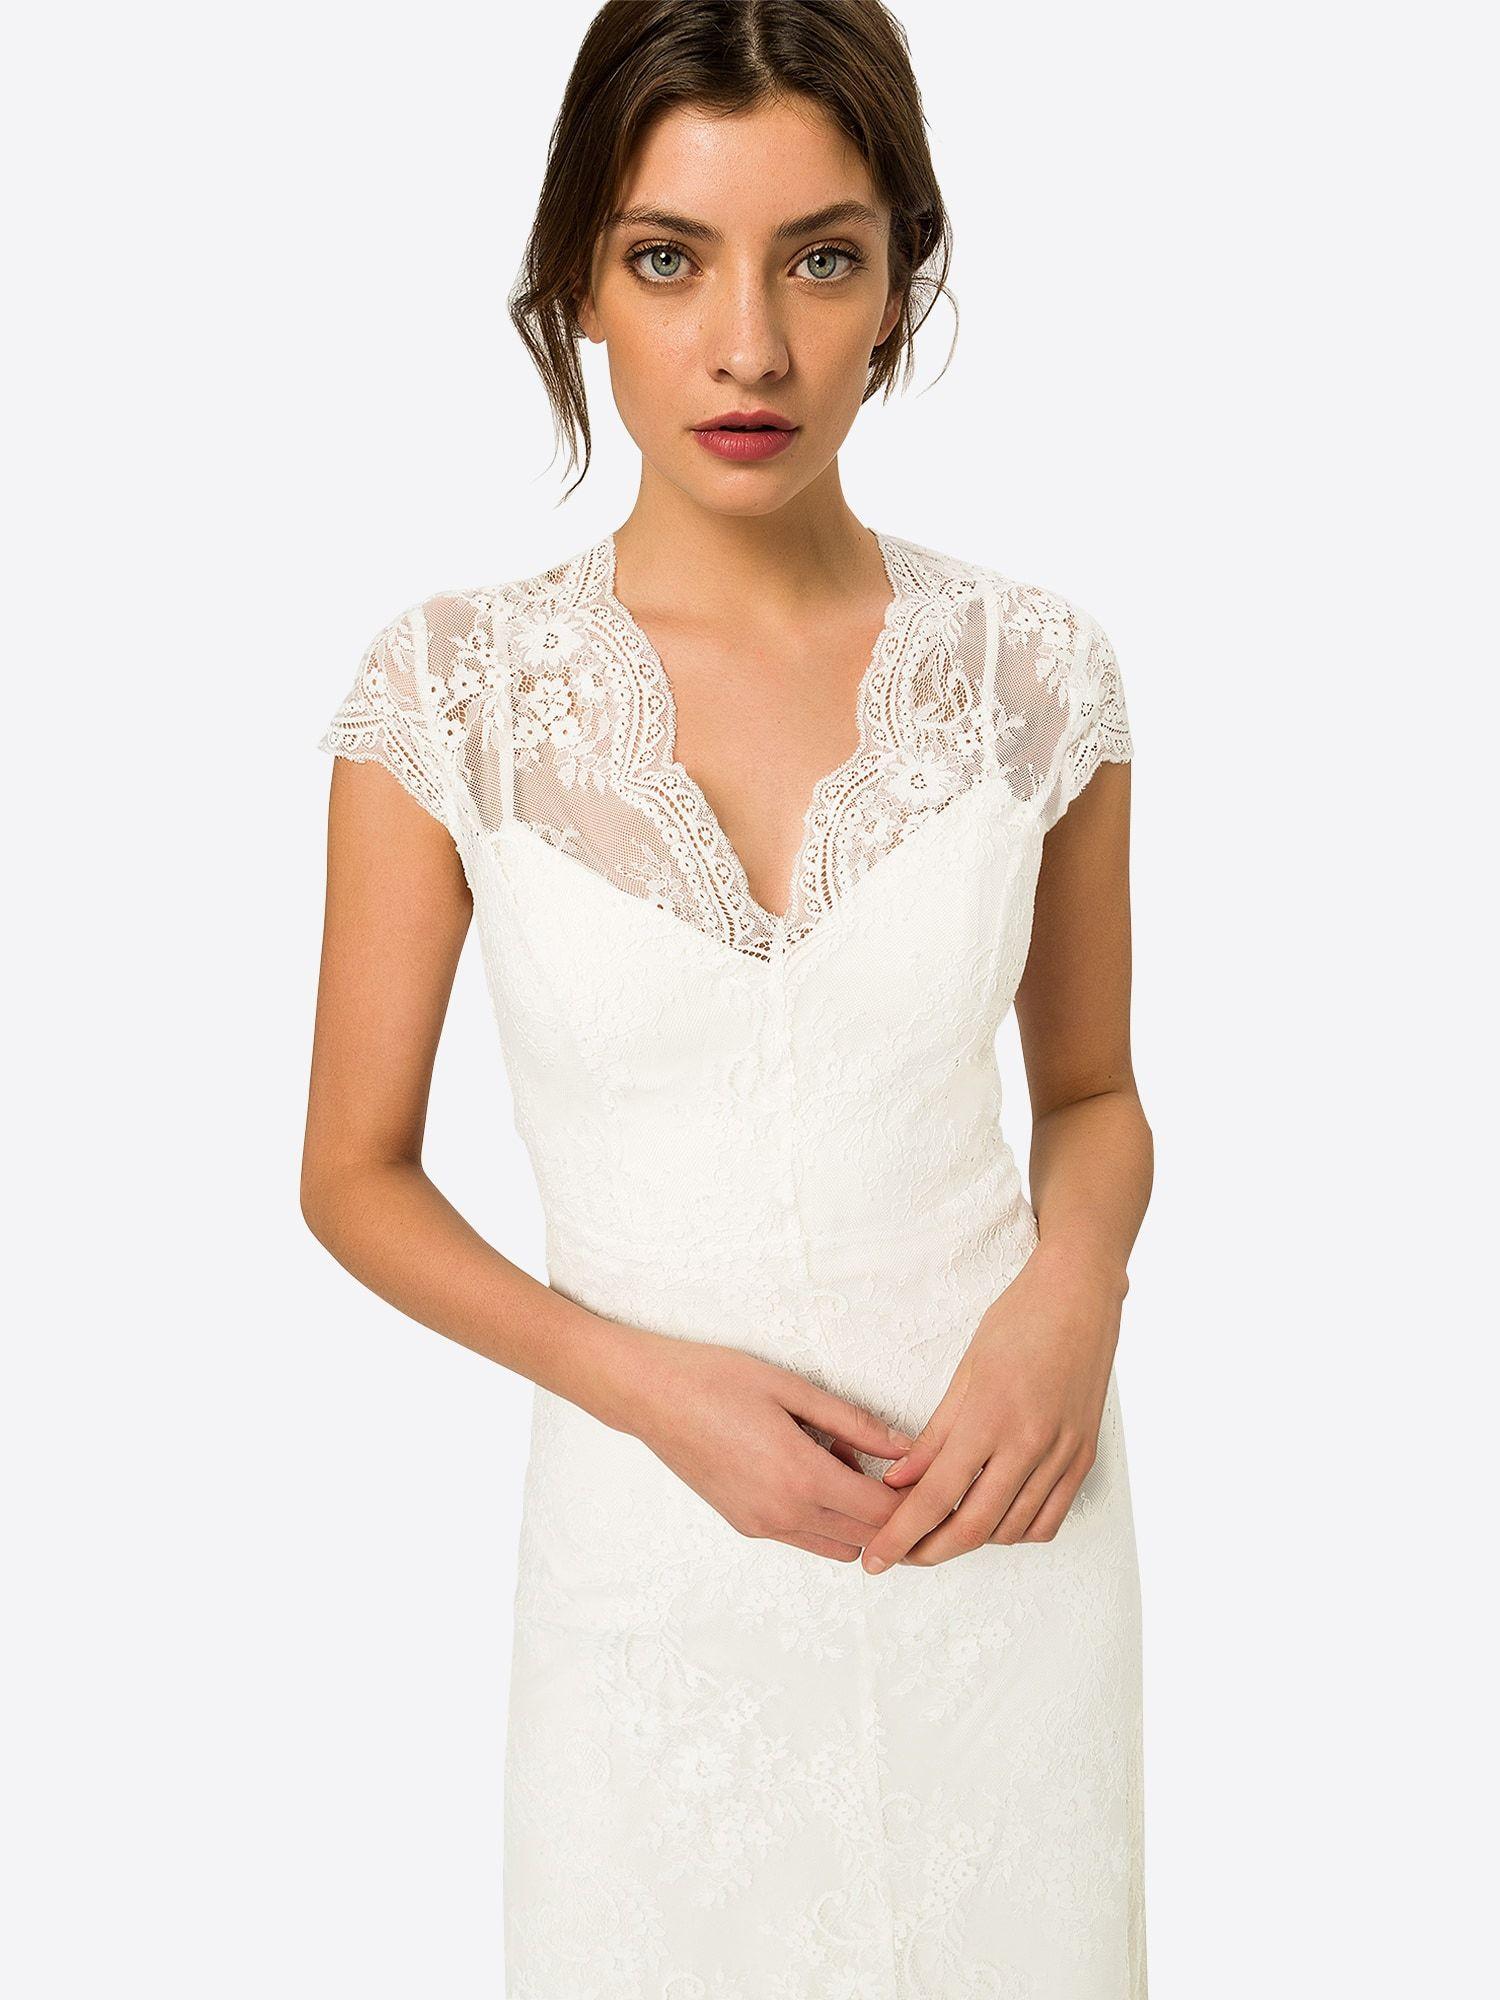 IVY & OAK Brautkleid Damen, Weiß, Größe 14  Zalando brautkleid